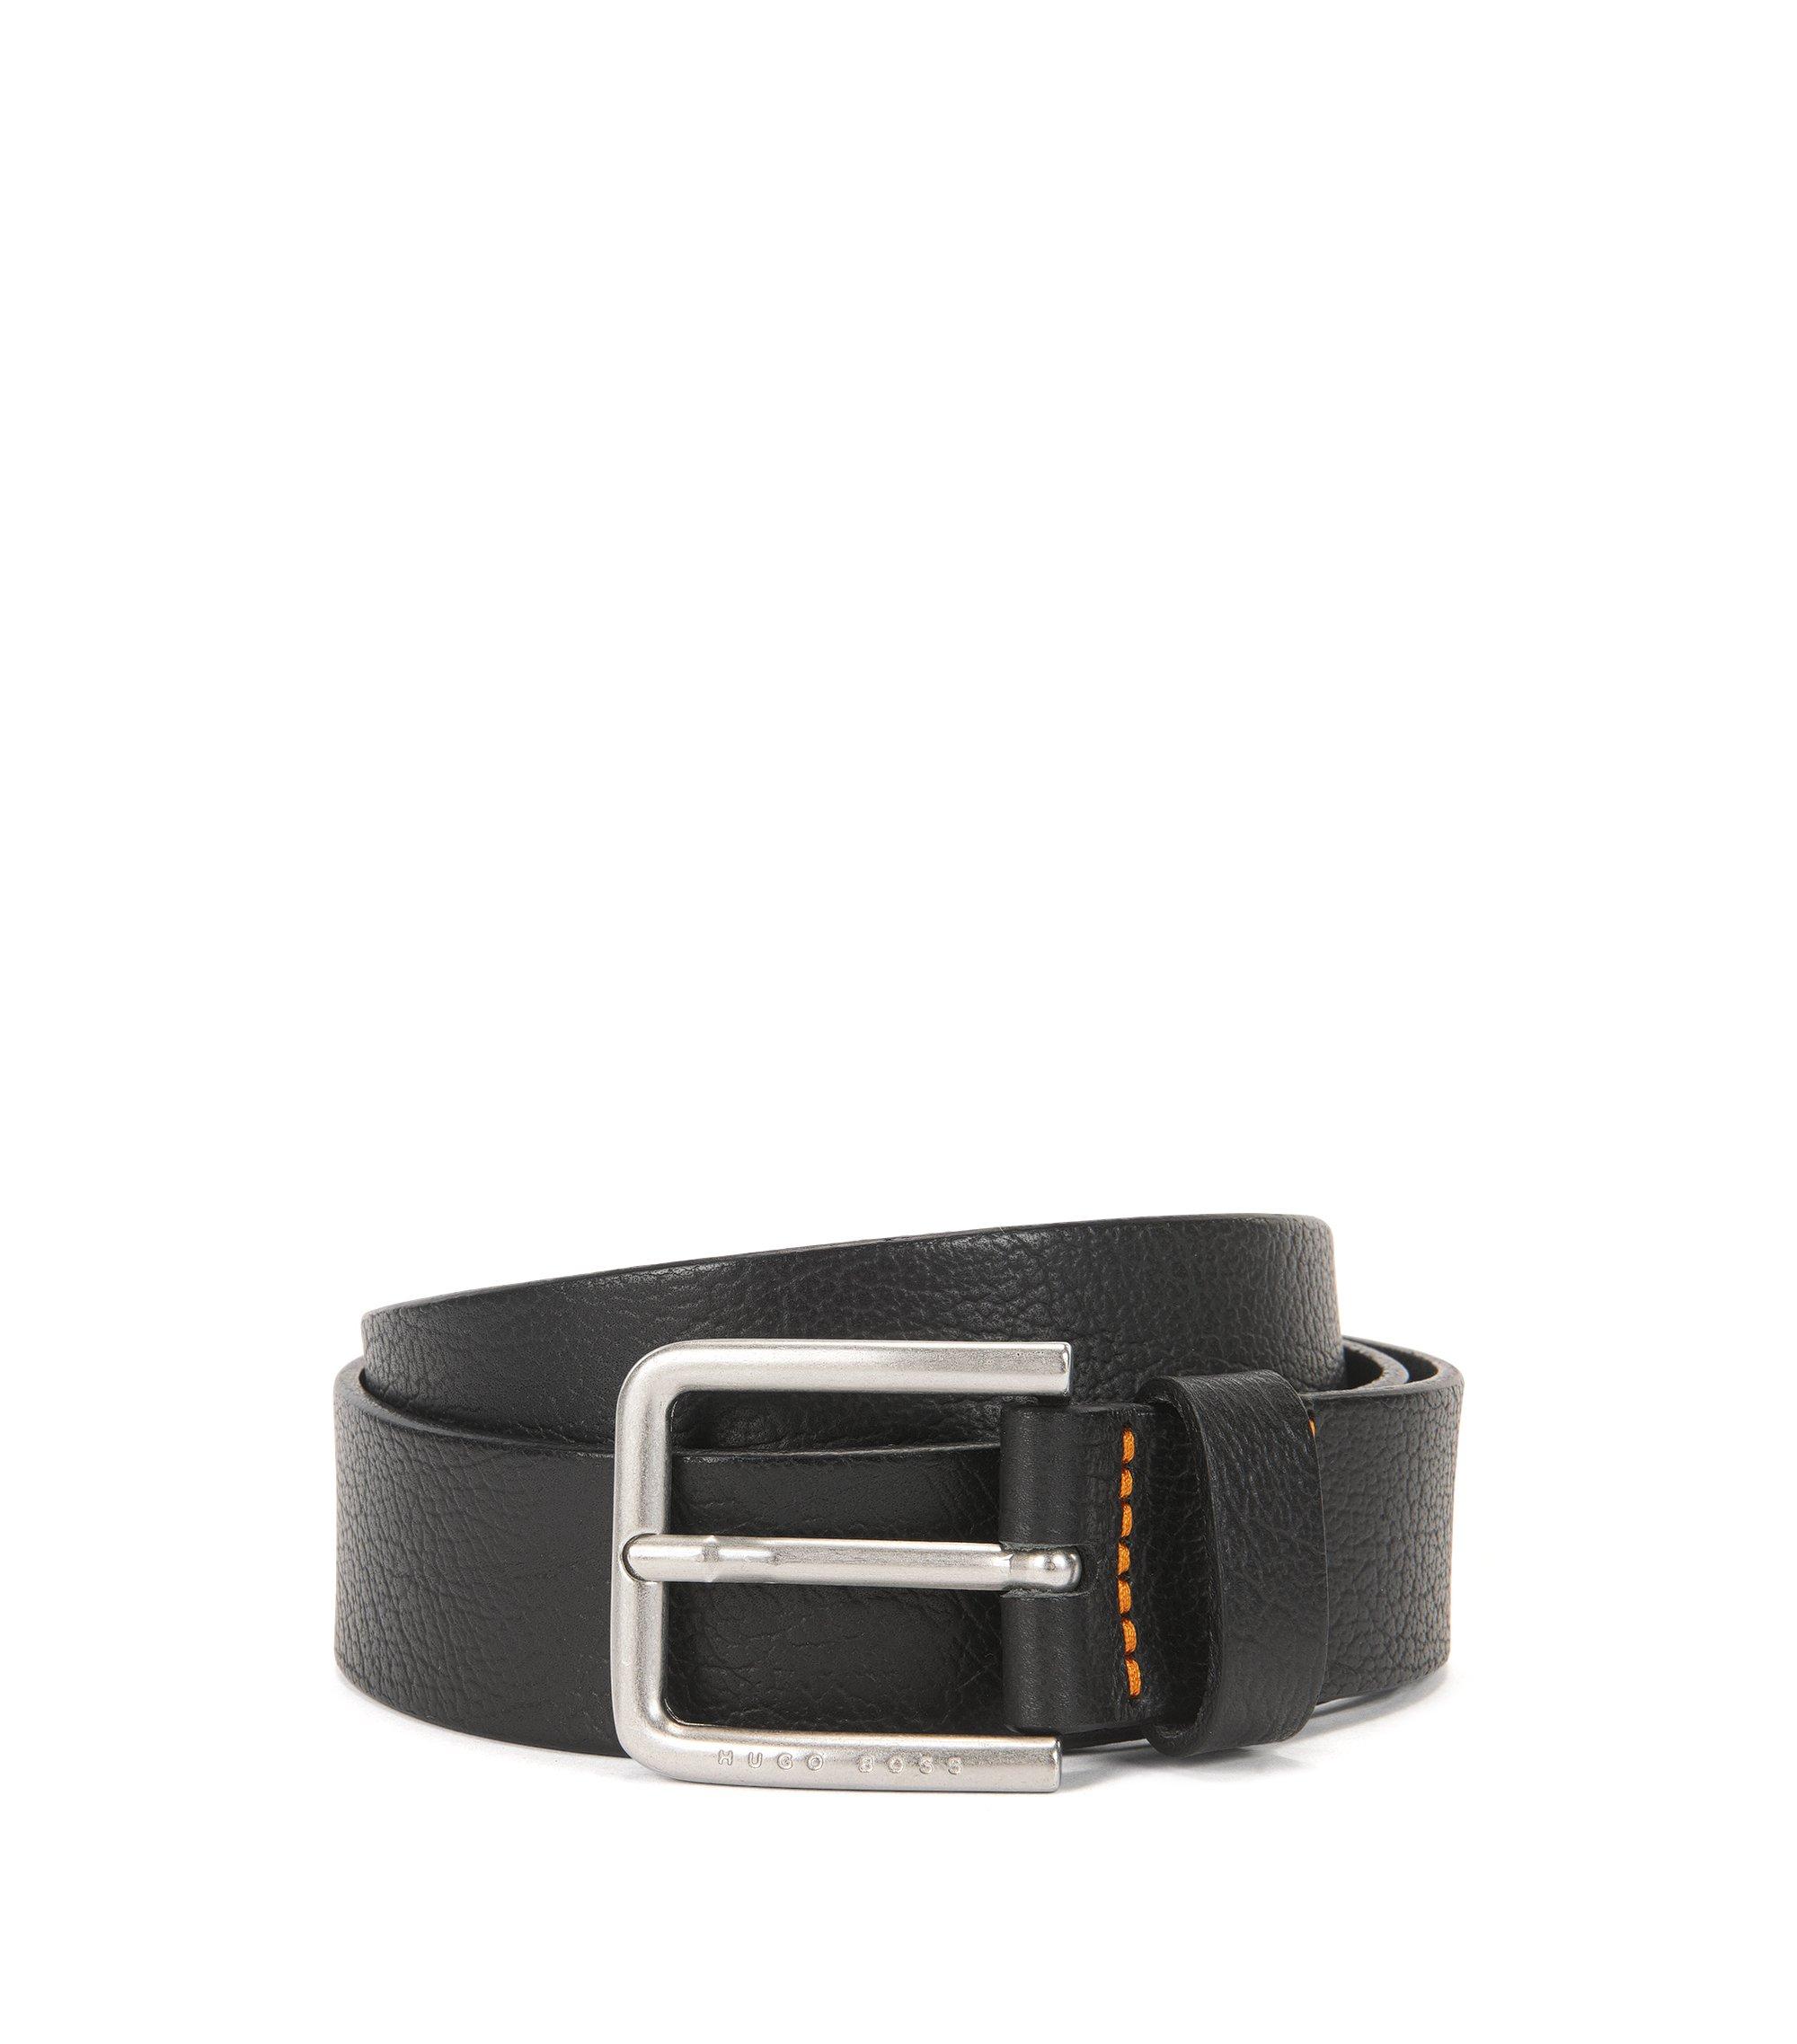 Cinturón de piel en relieve con logo grabado, Negro